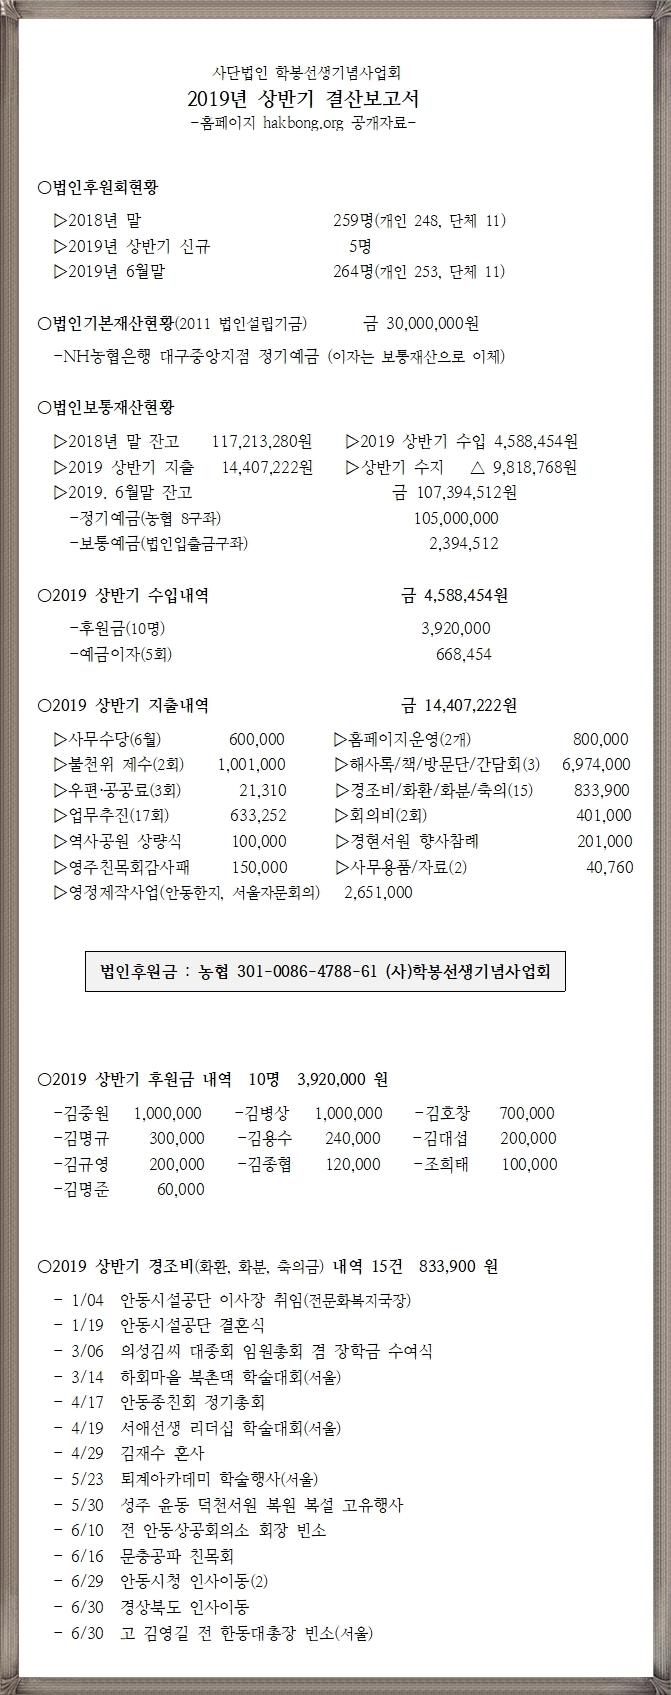 2019상반기 결산보고서.jpg